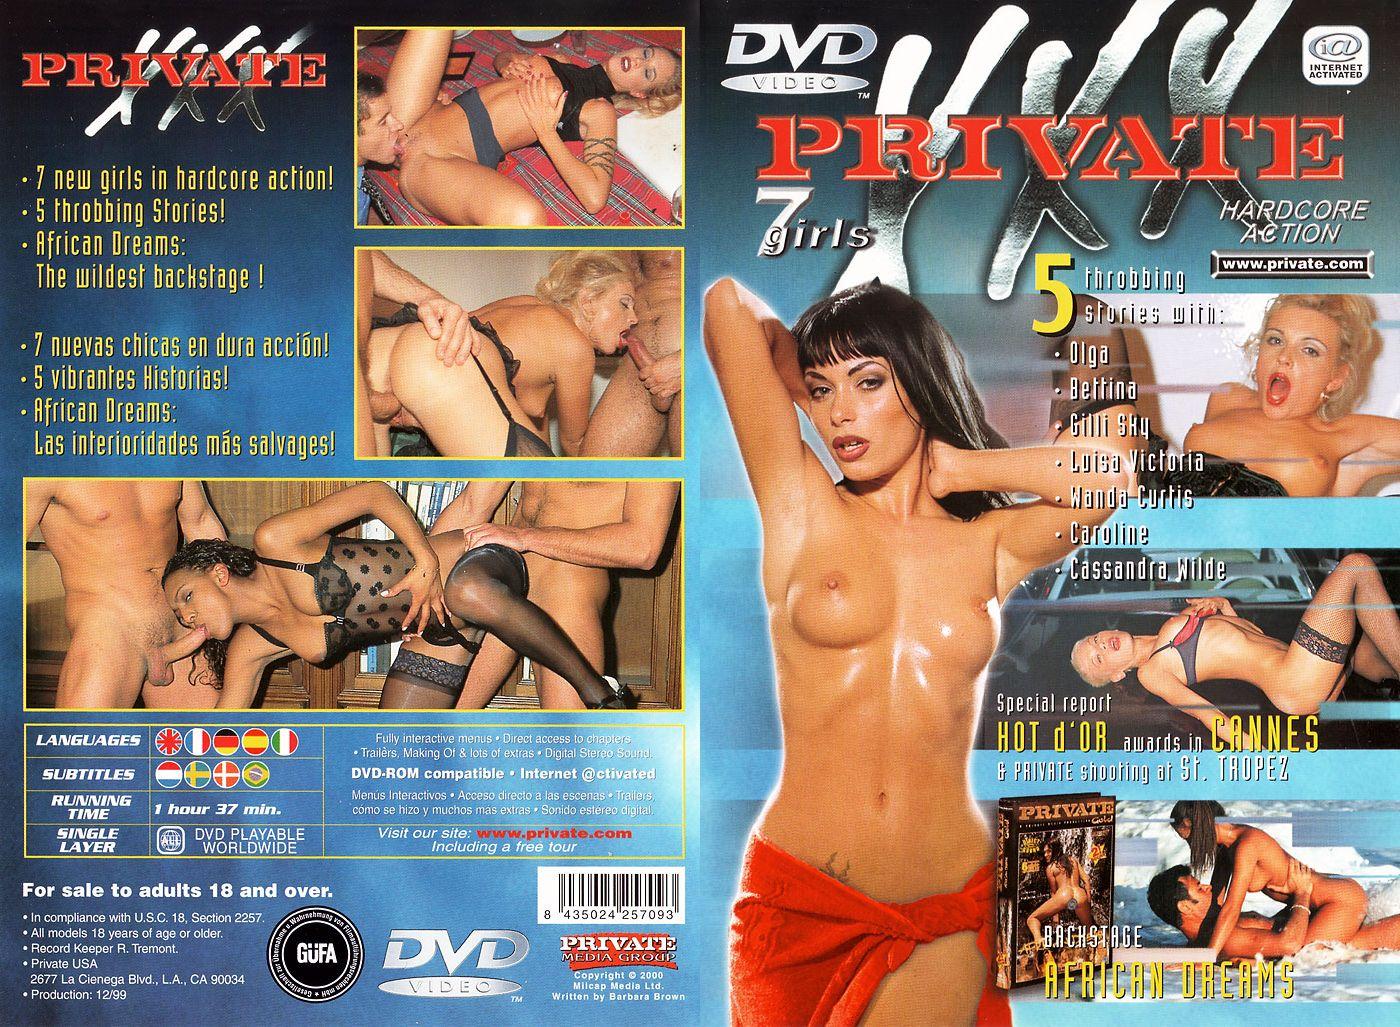 Play girl porno dvd — img 11